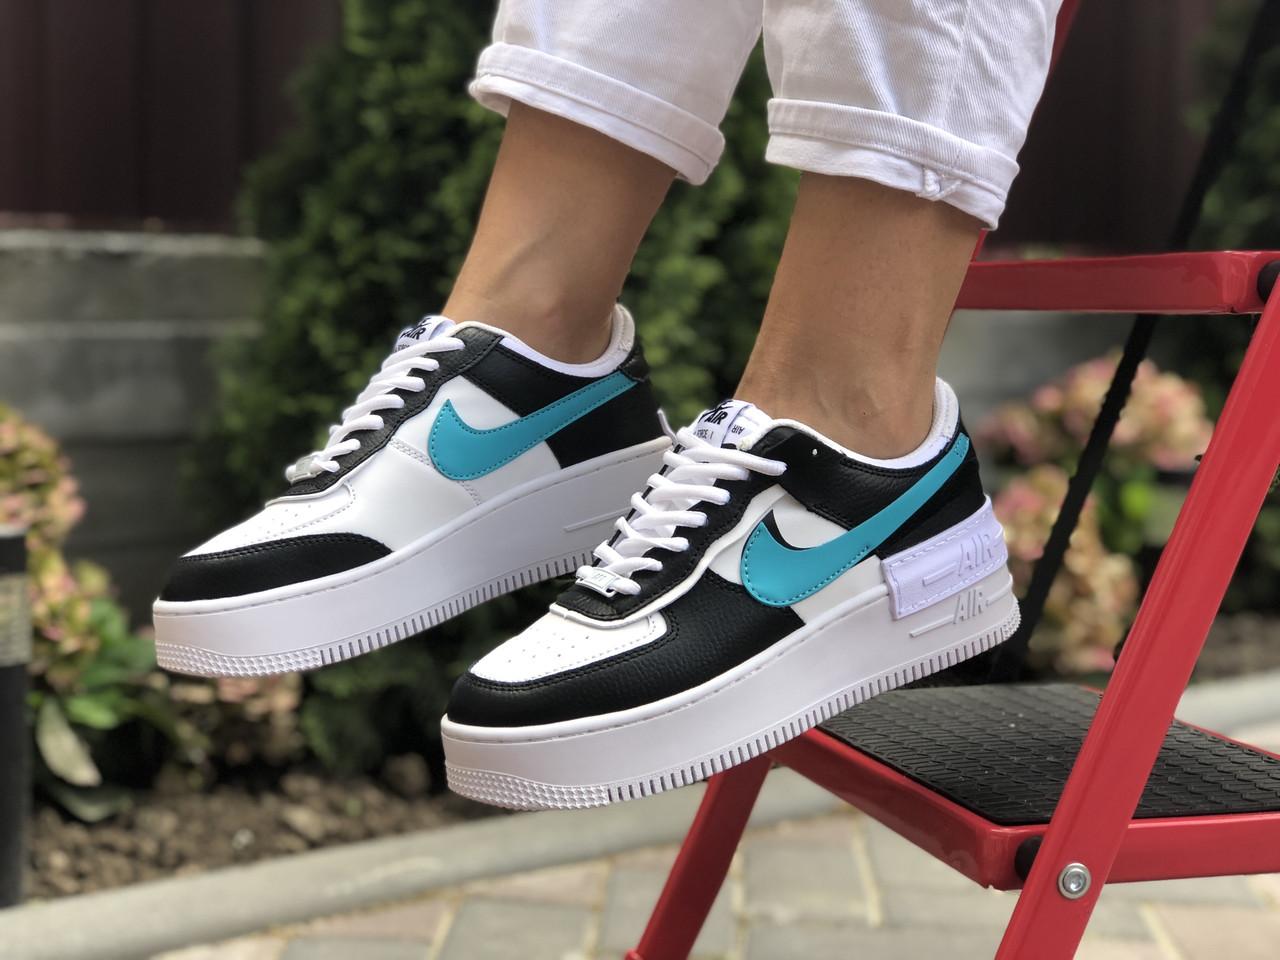 Женские кроссовки Nike Air Force 1 Shadow,белые с черным/голубым